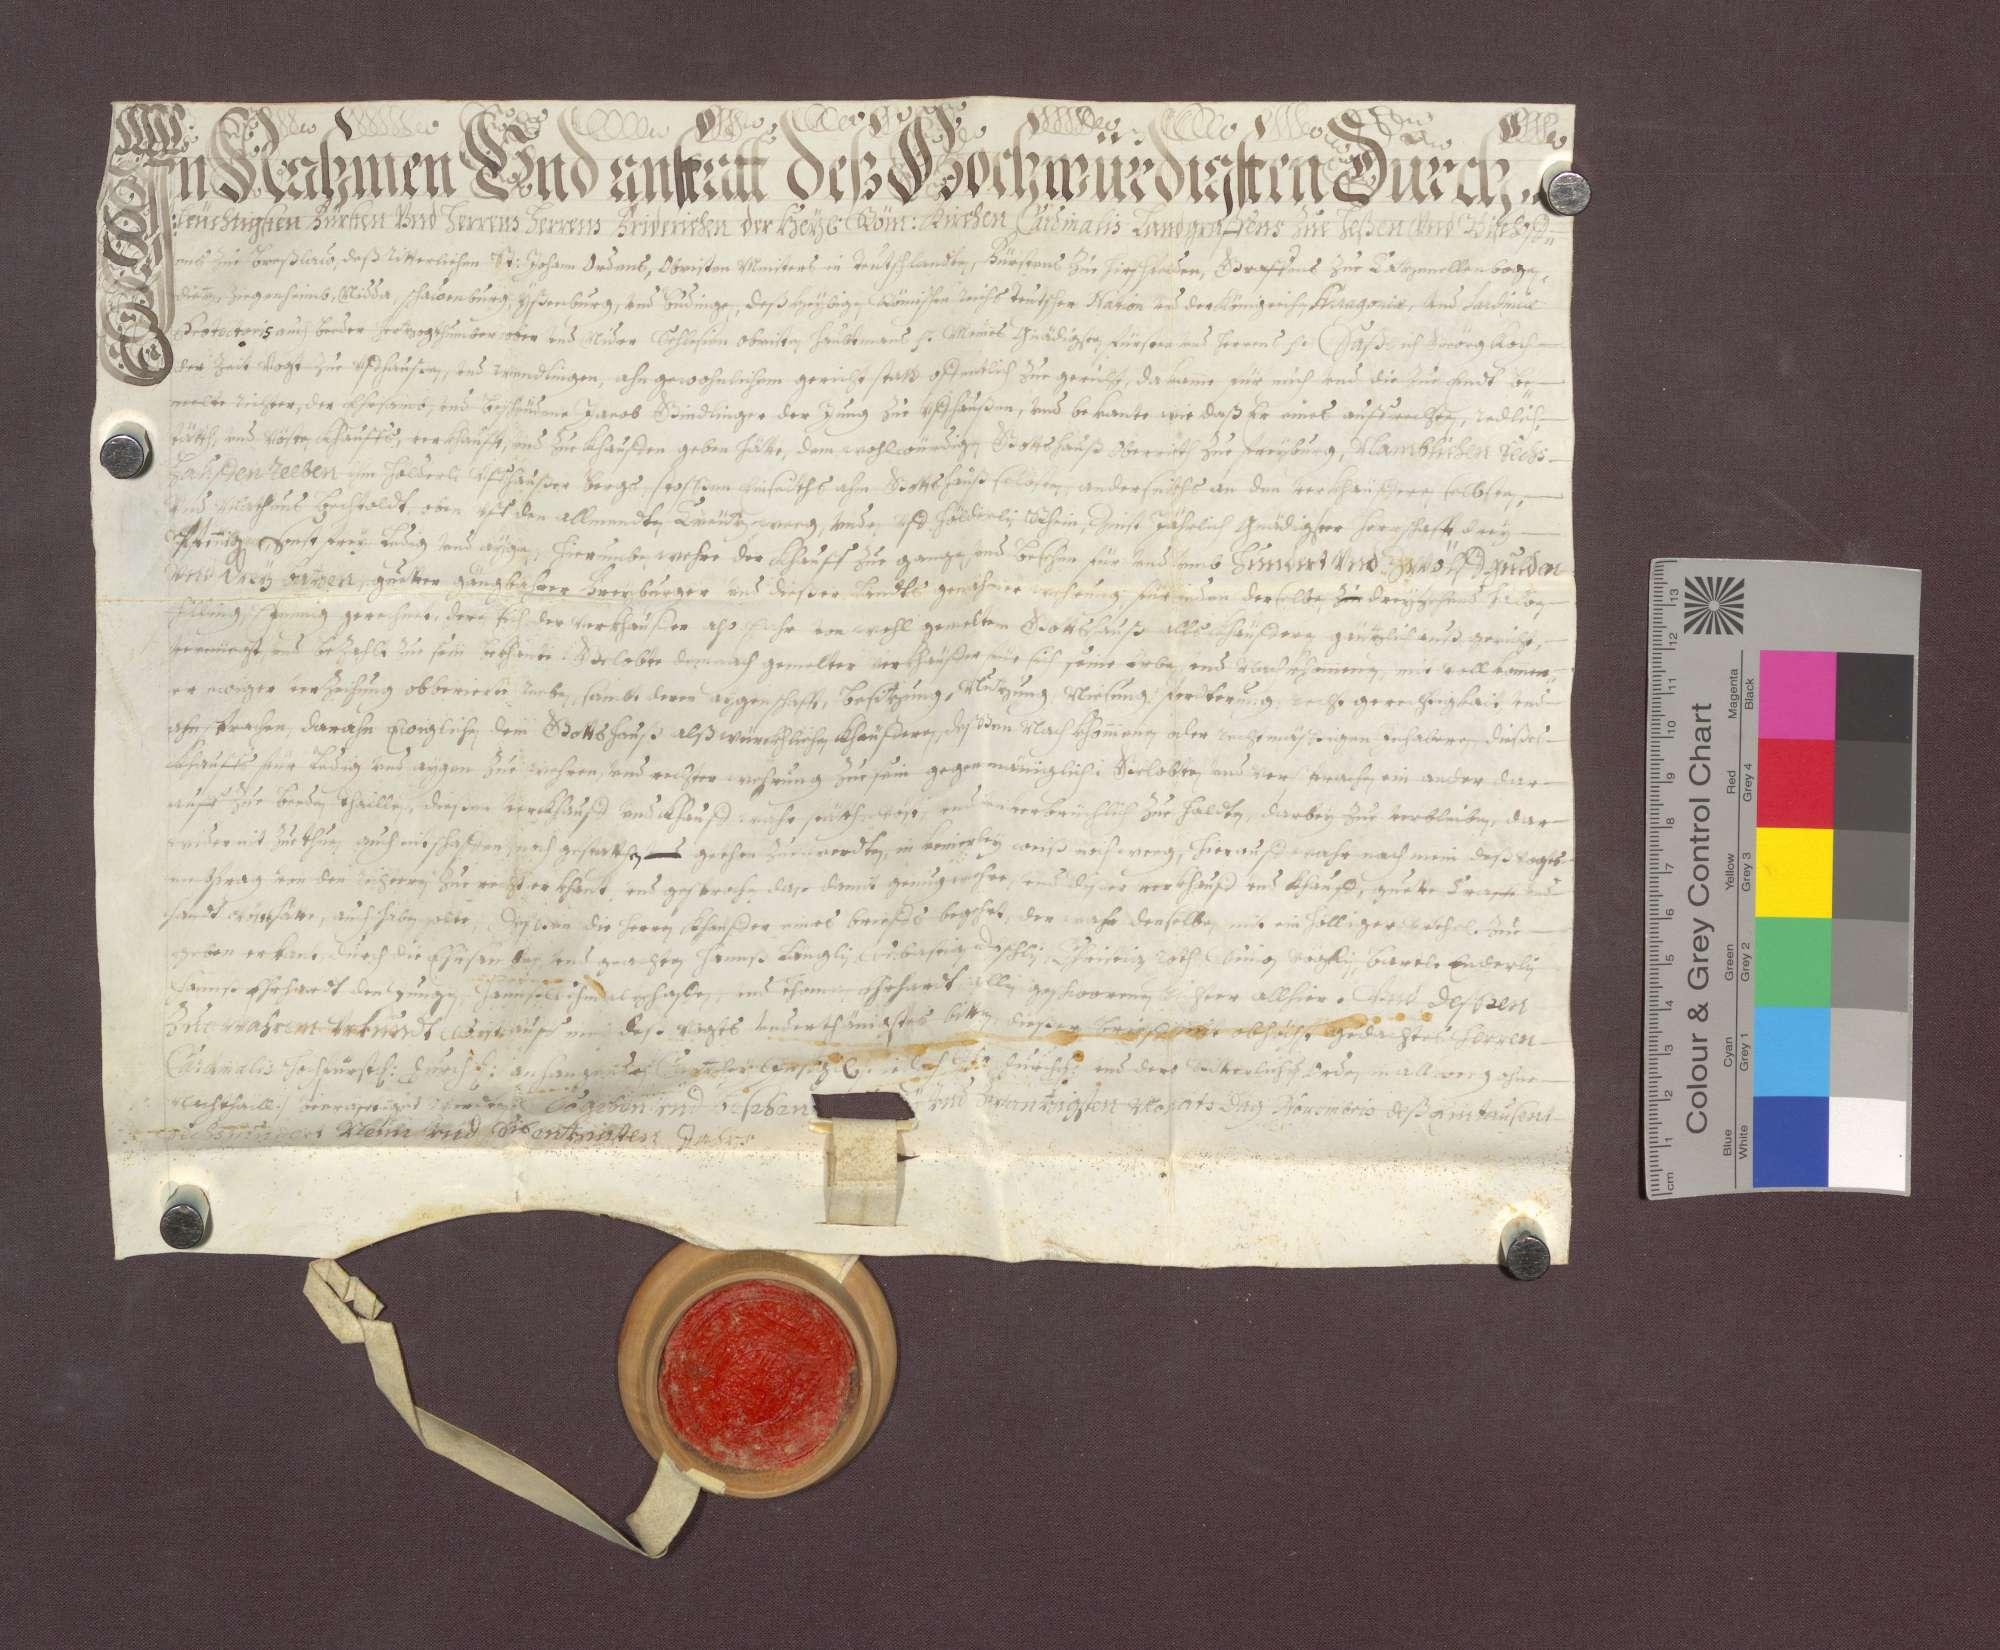 Jakob Gundlinger d. J. zu Uffhausen verkauft den Wilhelmiten zu Freiburg 6 Haufen Reben am Uffhauser Berg um 112 Gulden 3 Batzen., Bild 1